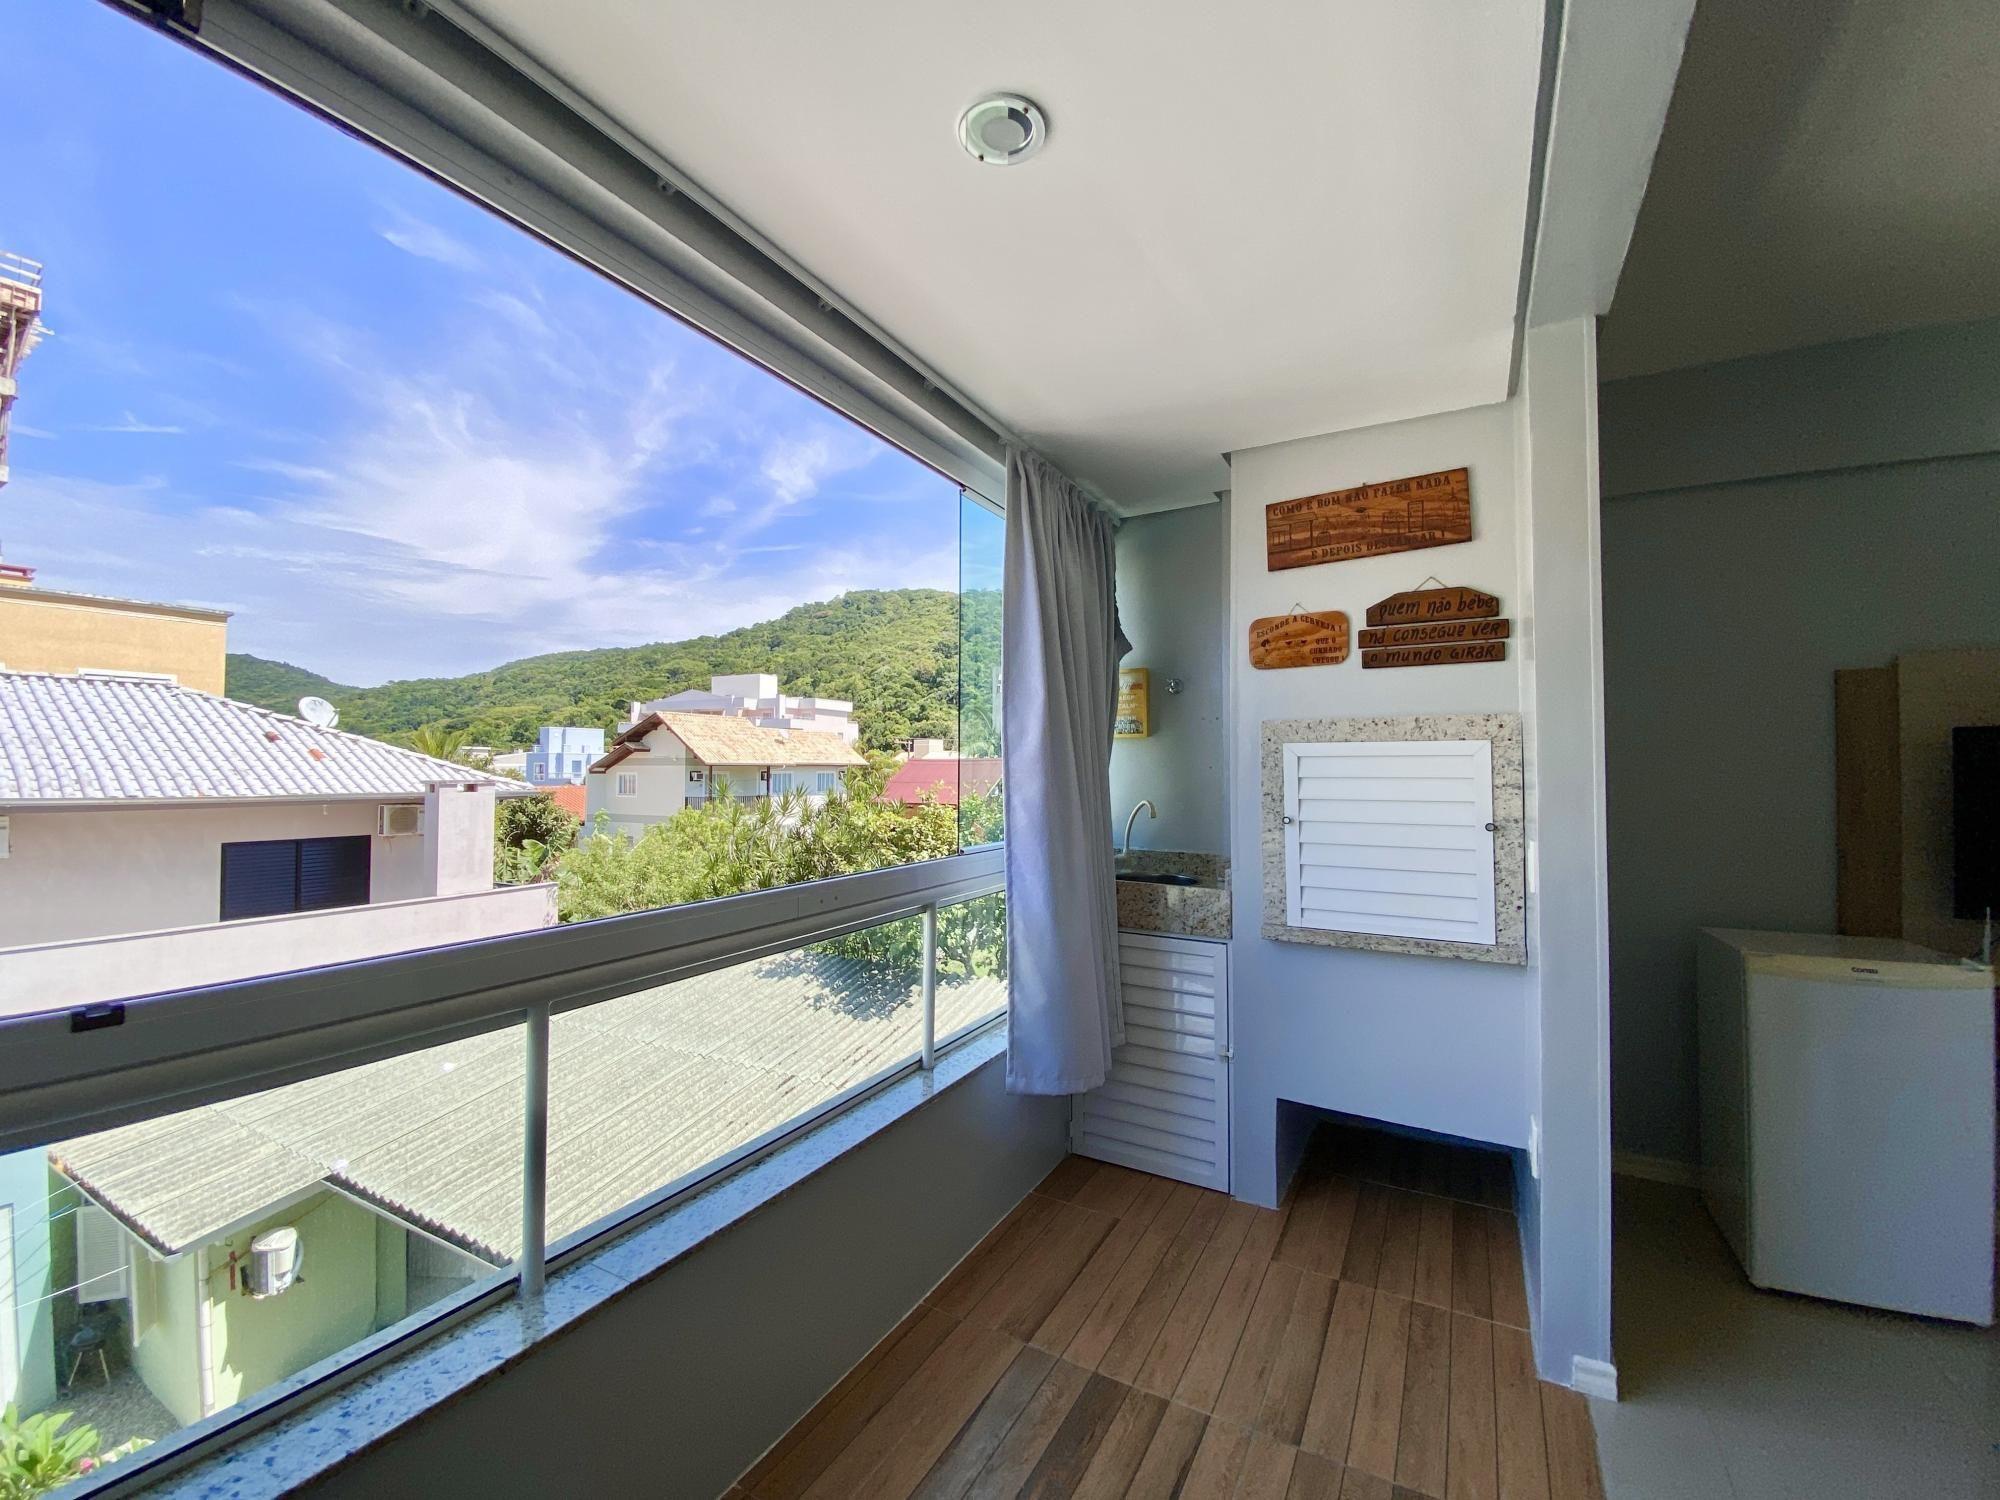 Apartamento com 2 Dormitórios para alugar, 66 m² por R$ 160,00